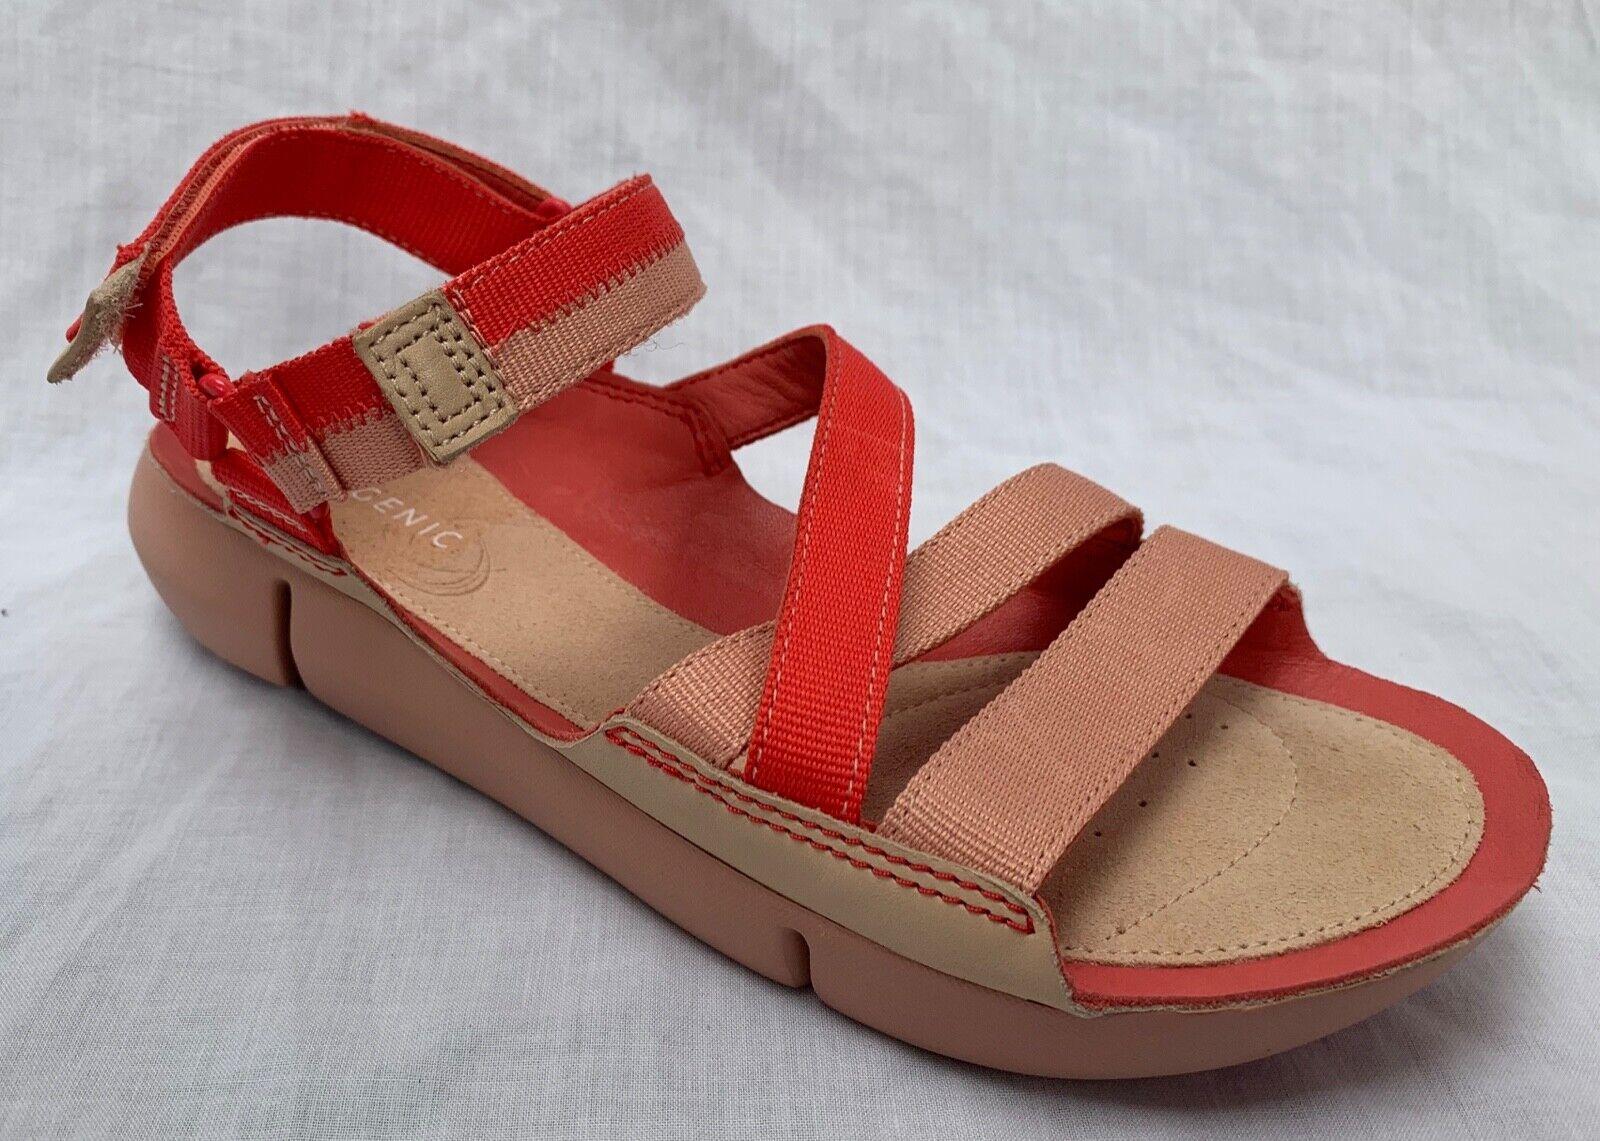 BNIB Clarks Ladies Tri Sienna Trigenic Coral Combi Material Leather Flat Sandals